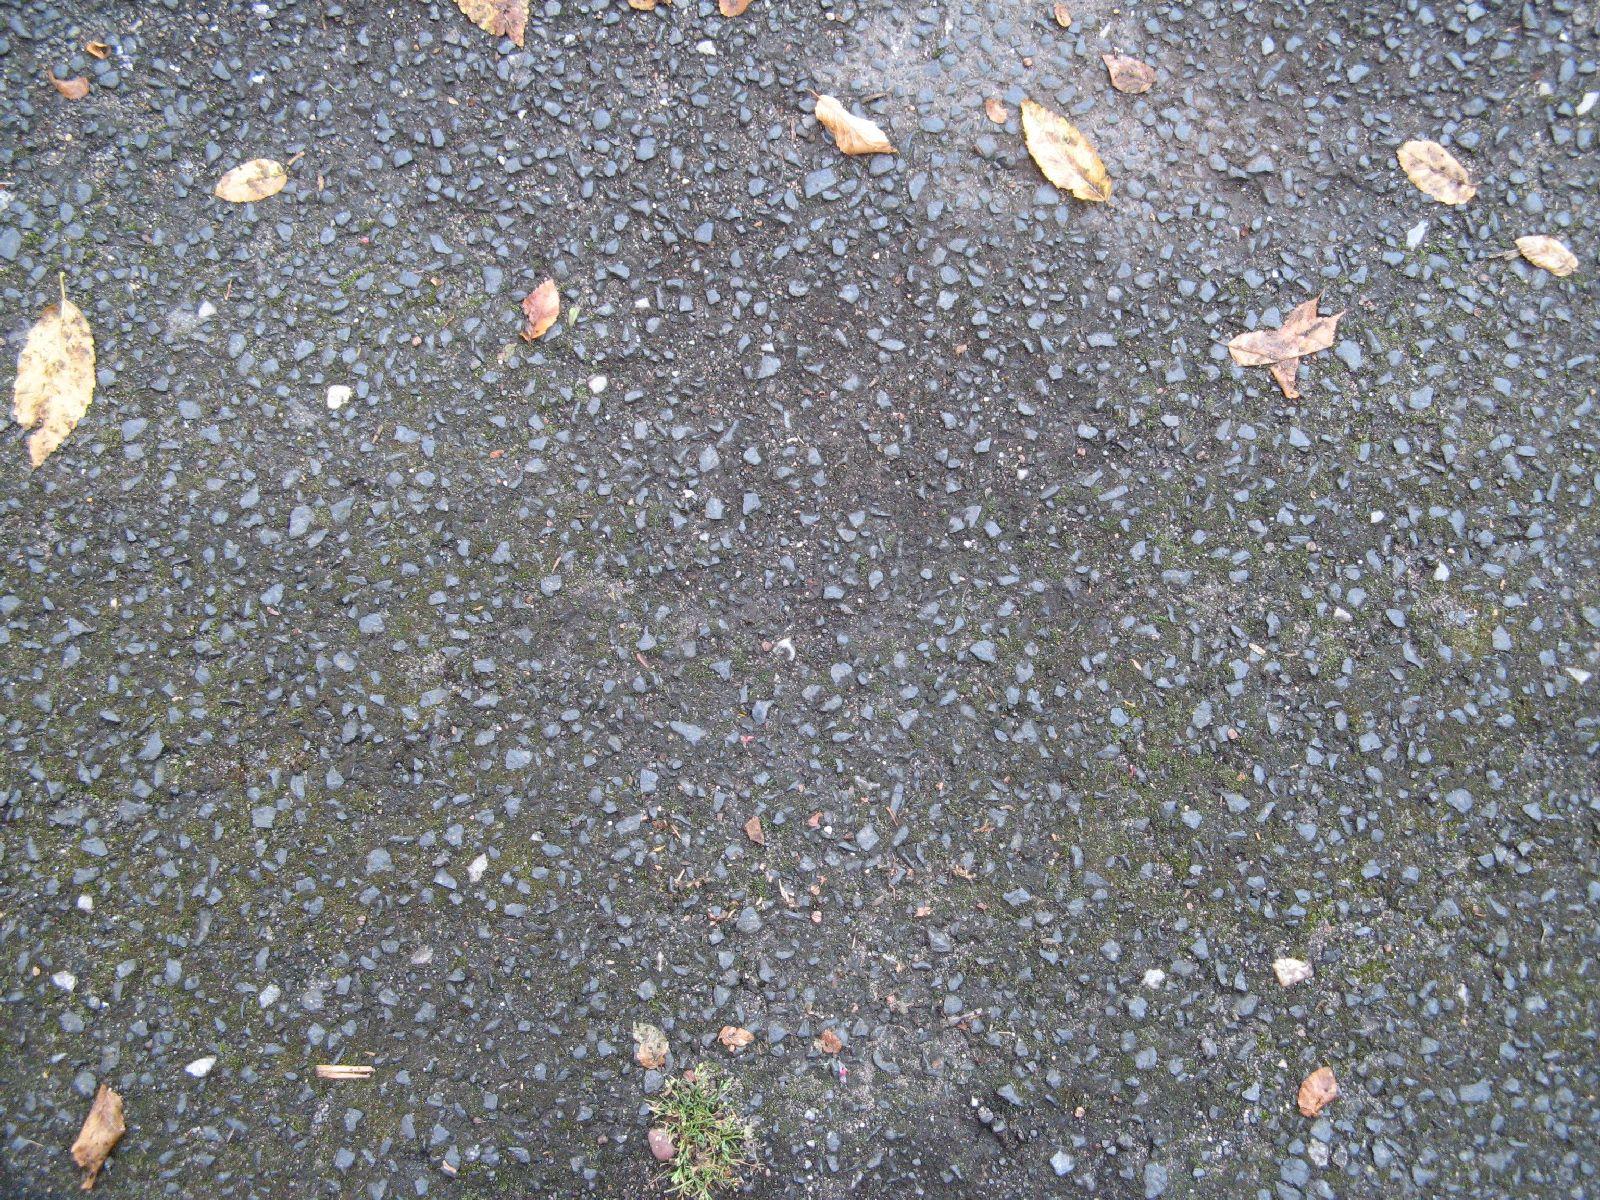 Ground-Urban_Texture_B_00779